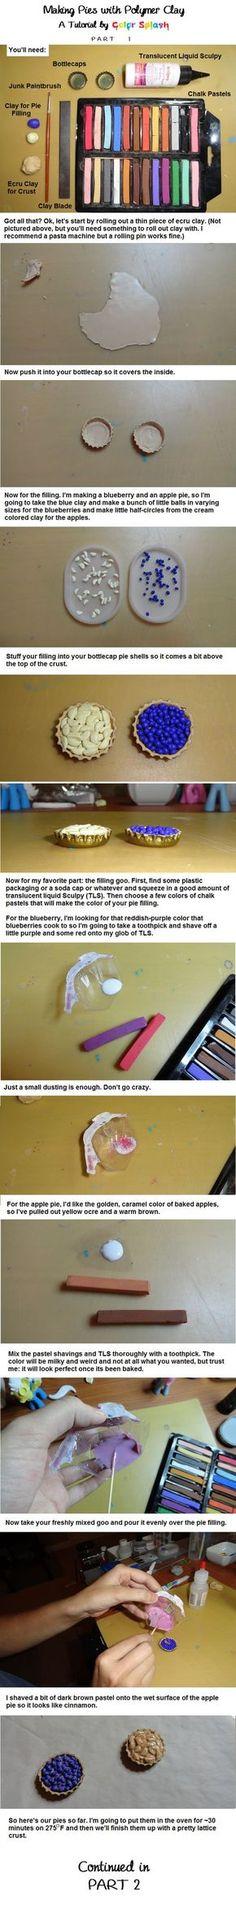 Polymer Clay Pie Tutorial PART 1 by Colour-Splashes.deviantart.com on @deviantART